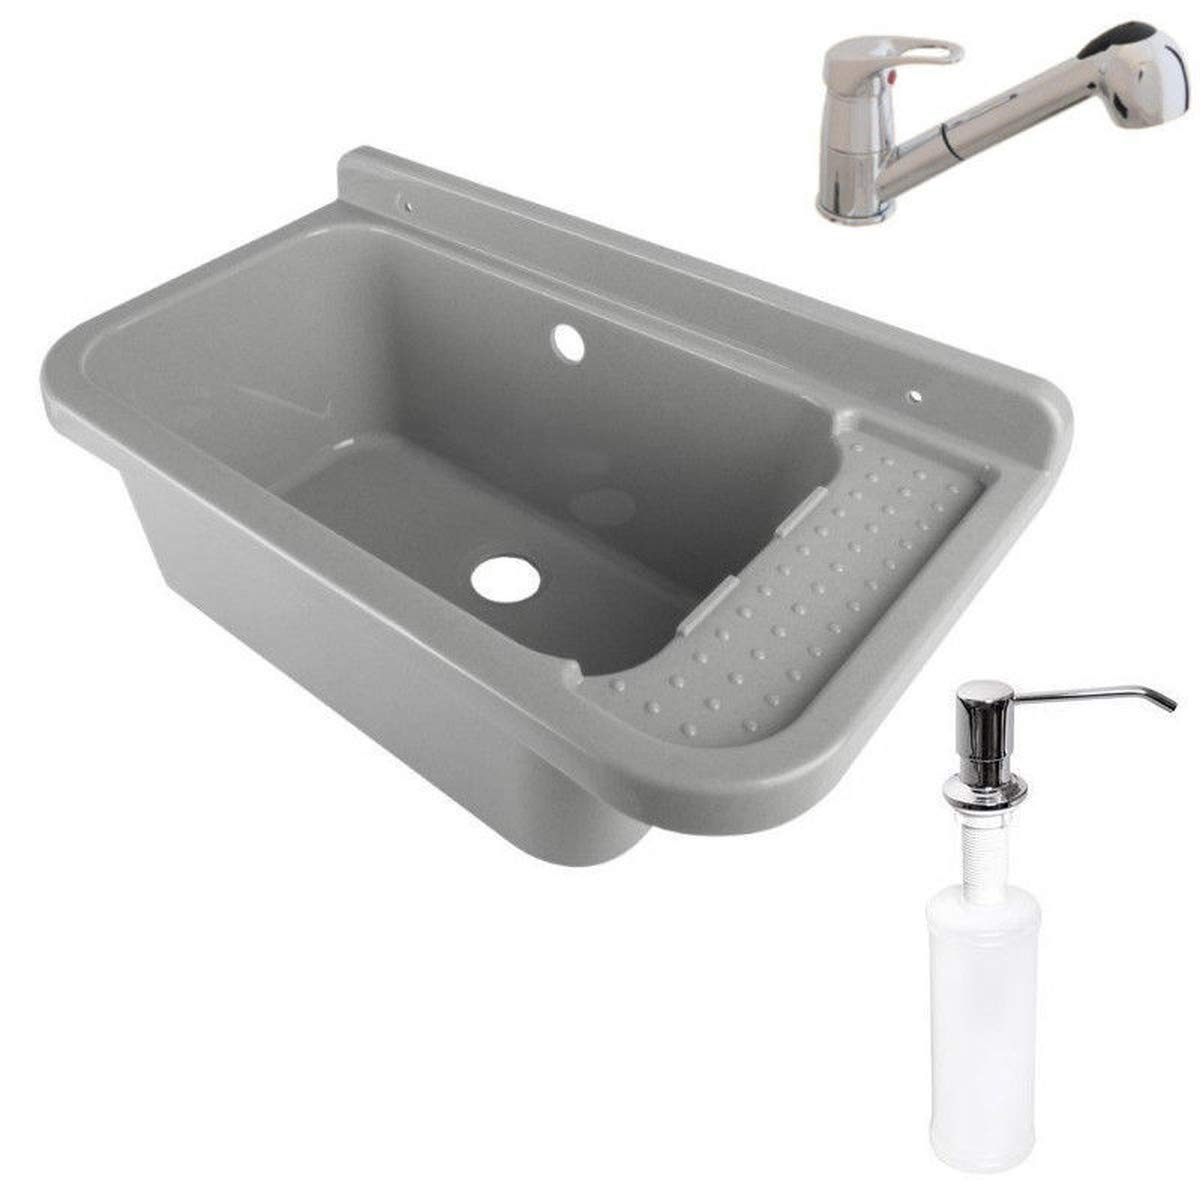 Lavabo de 50 cm x 34 cm x 21 cm, fregadero con rebosadero, lavabo para comercios, lavabo, Jardín, dispensador de jabón, grifería, incluye granito de drenaje, Gris: Amazon.es: Bricolaje y herramientas